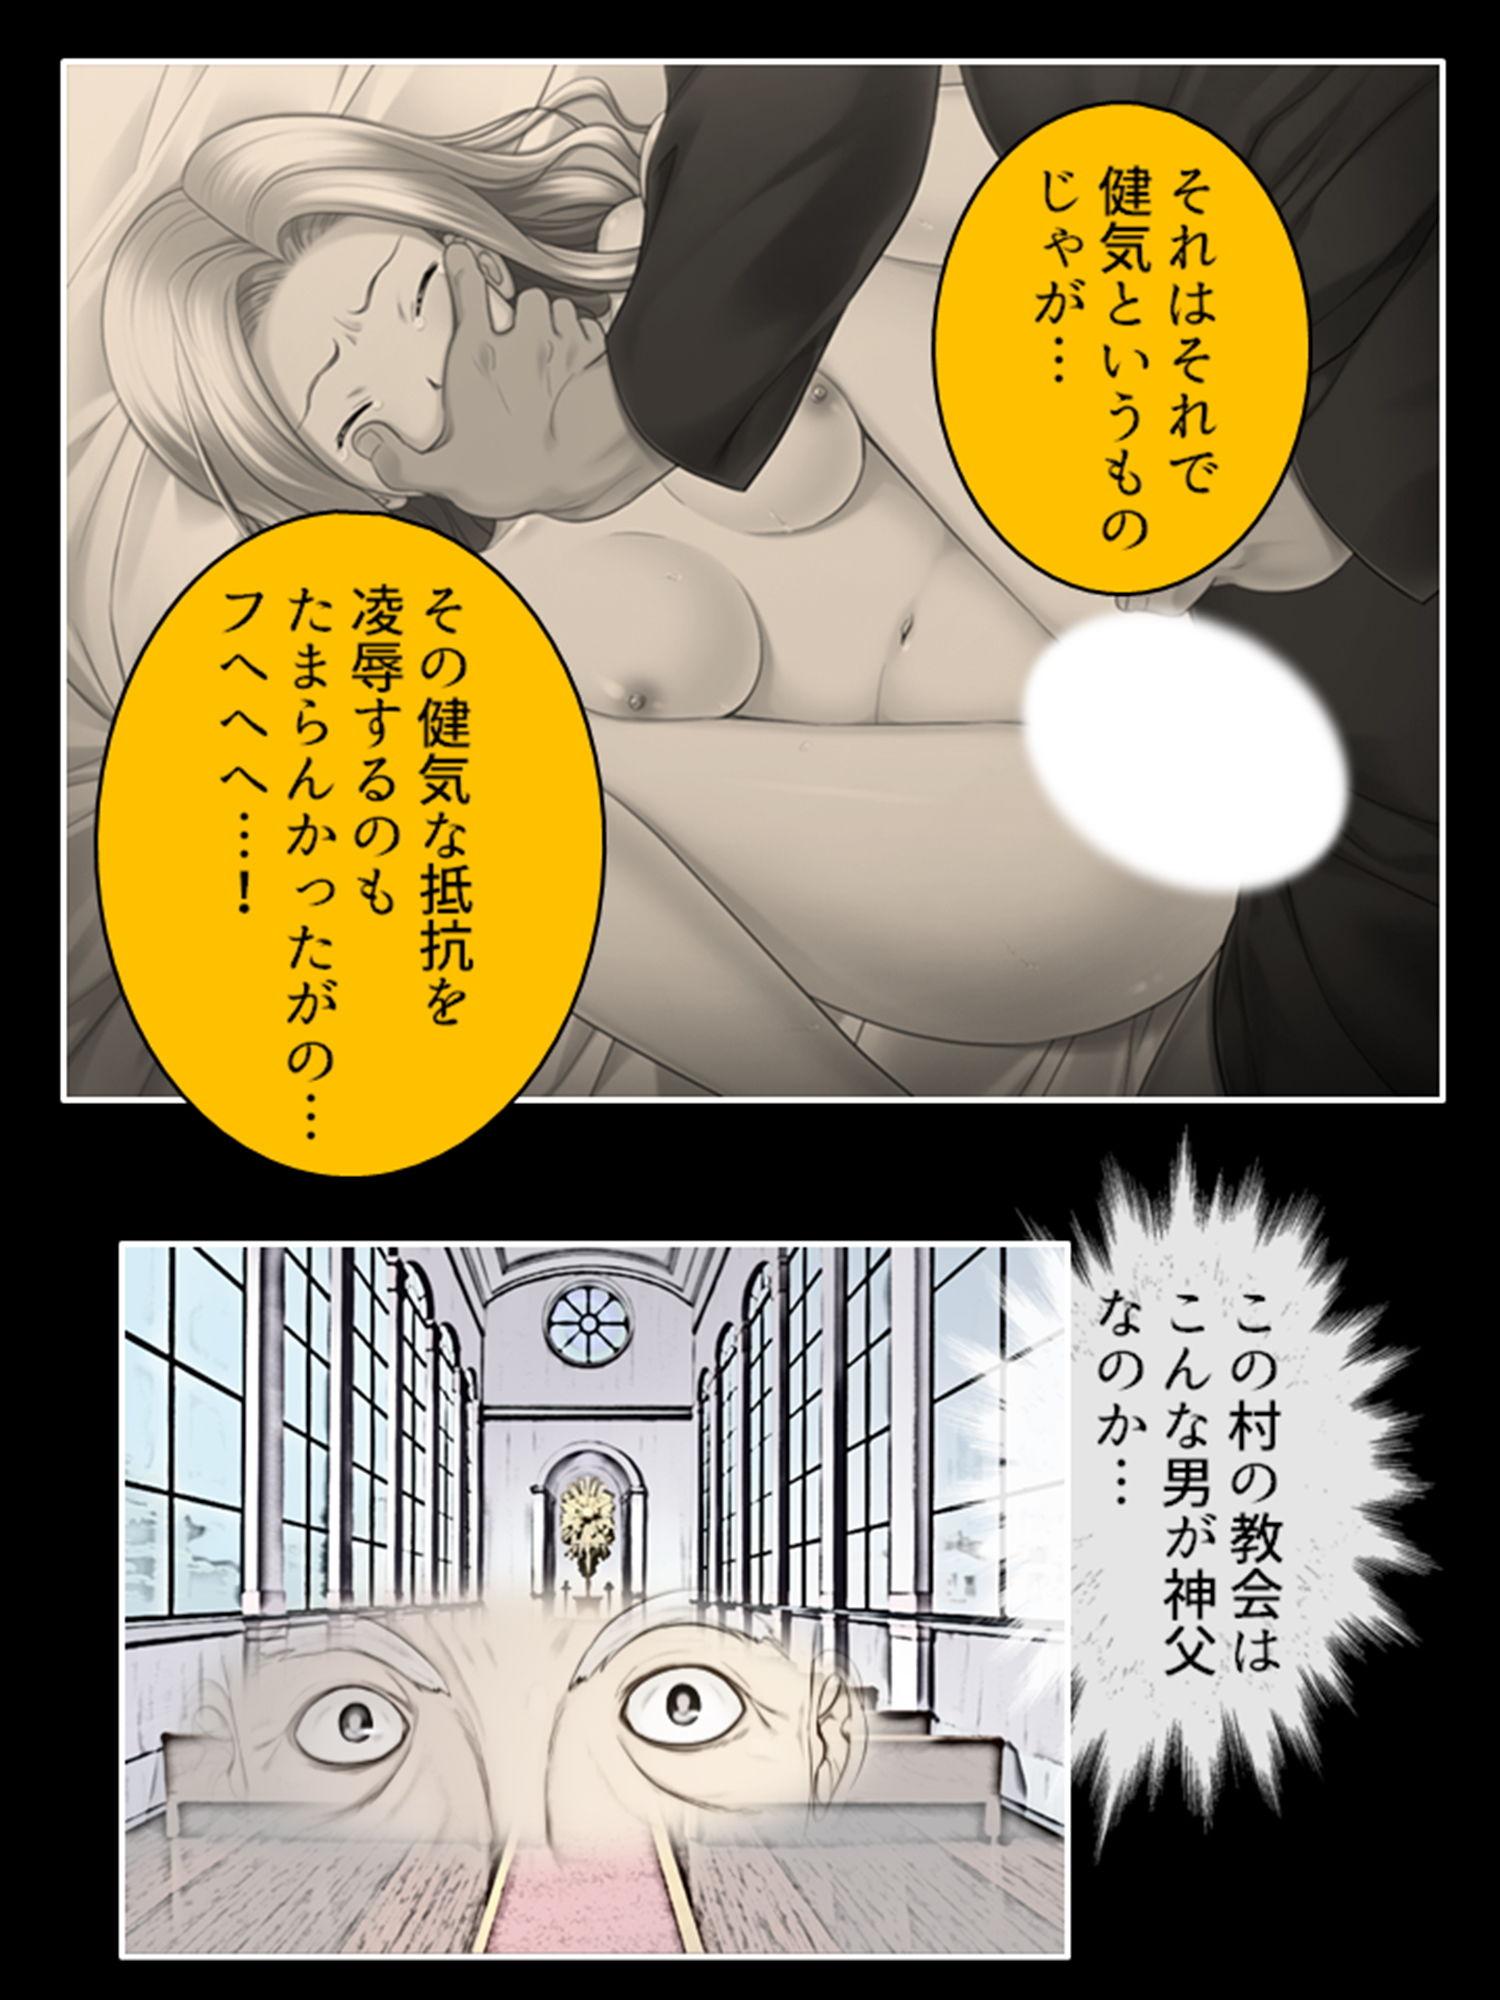 サンプル画像1:処女地獄:何度も蘇る清き膜 4巻(悶々堂) [d_199830]